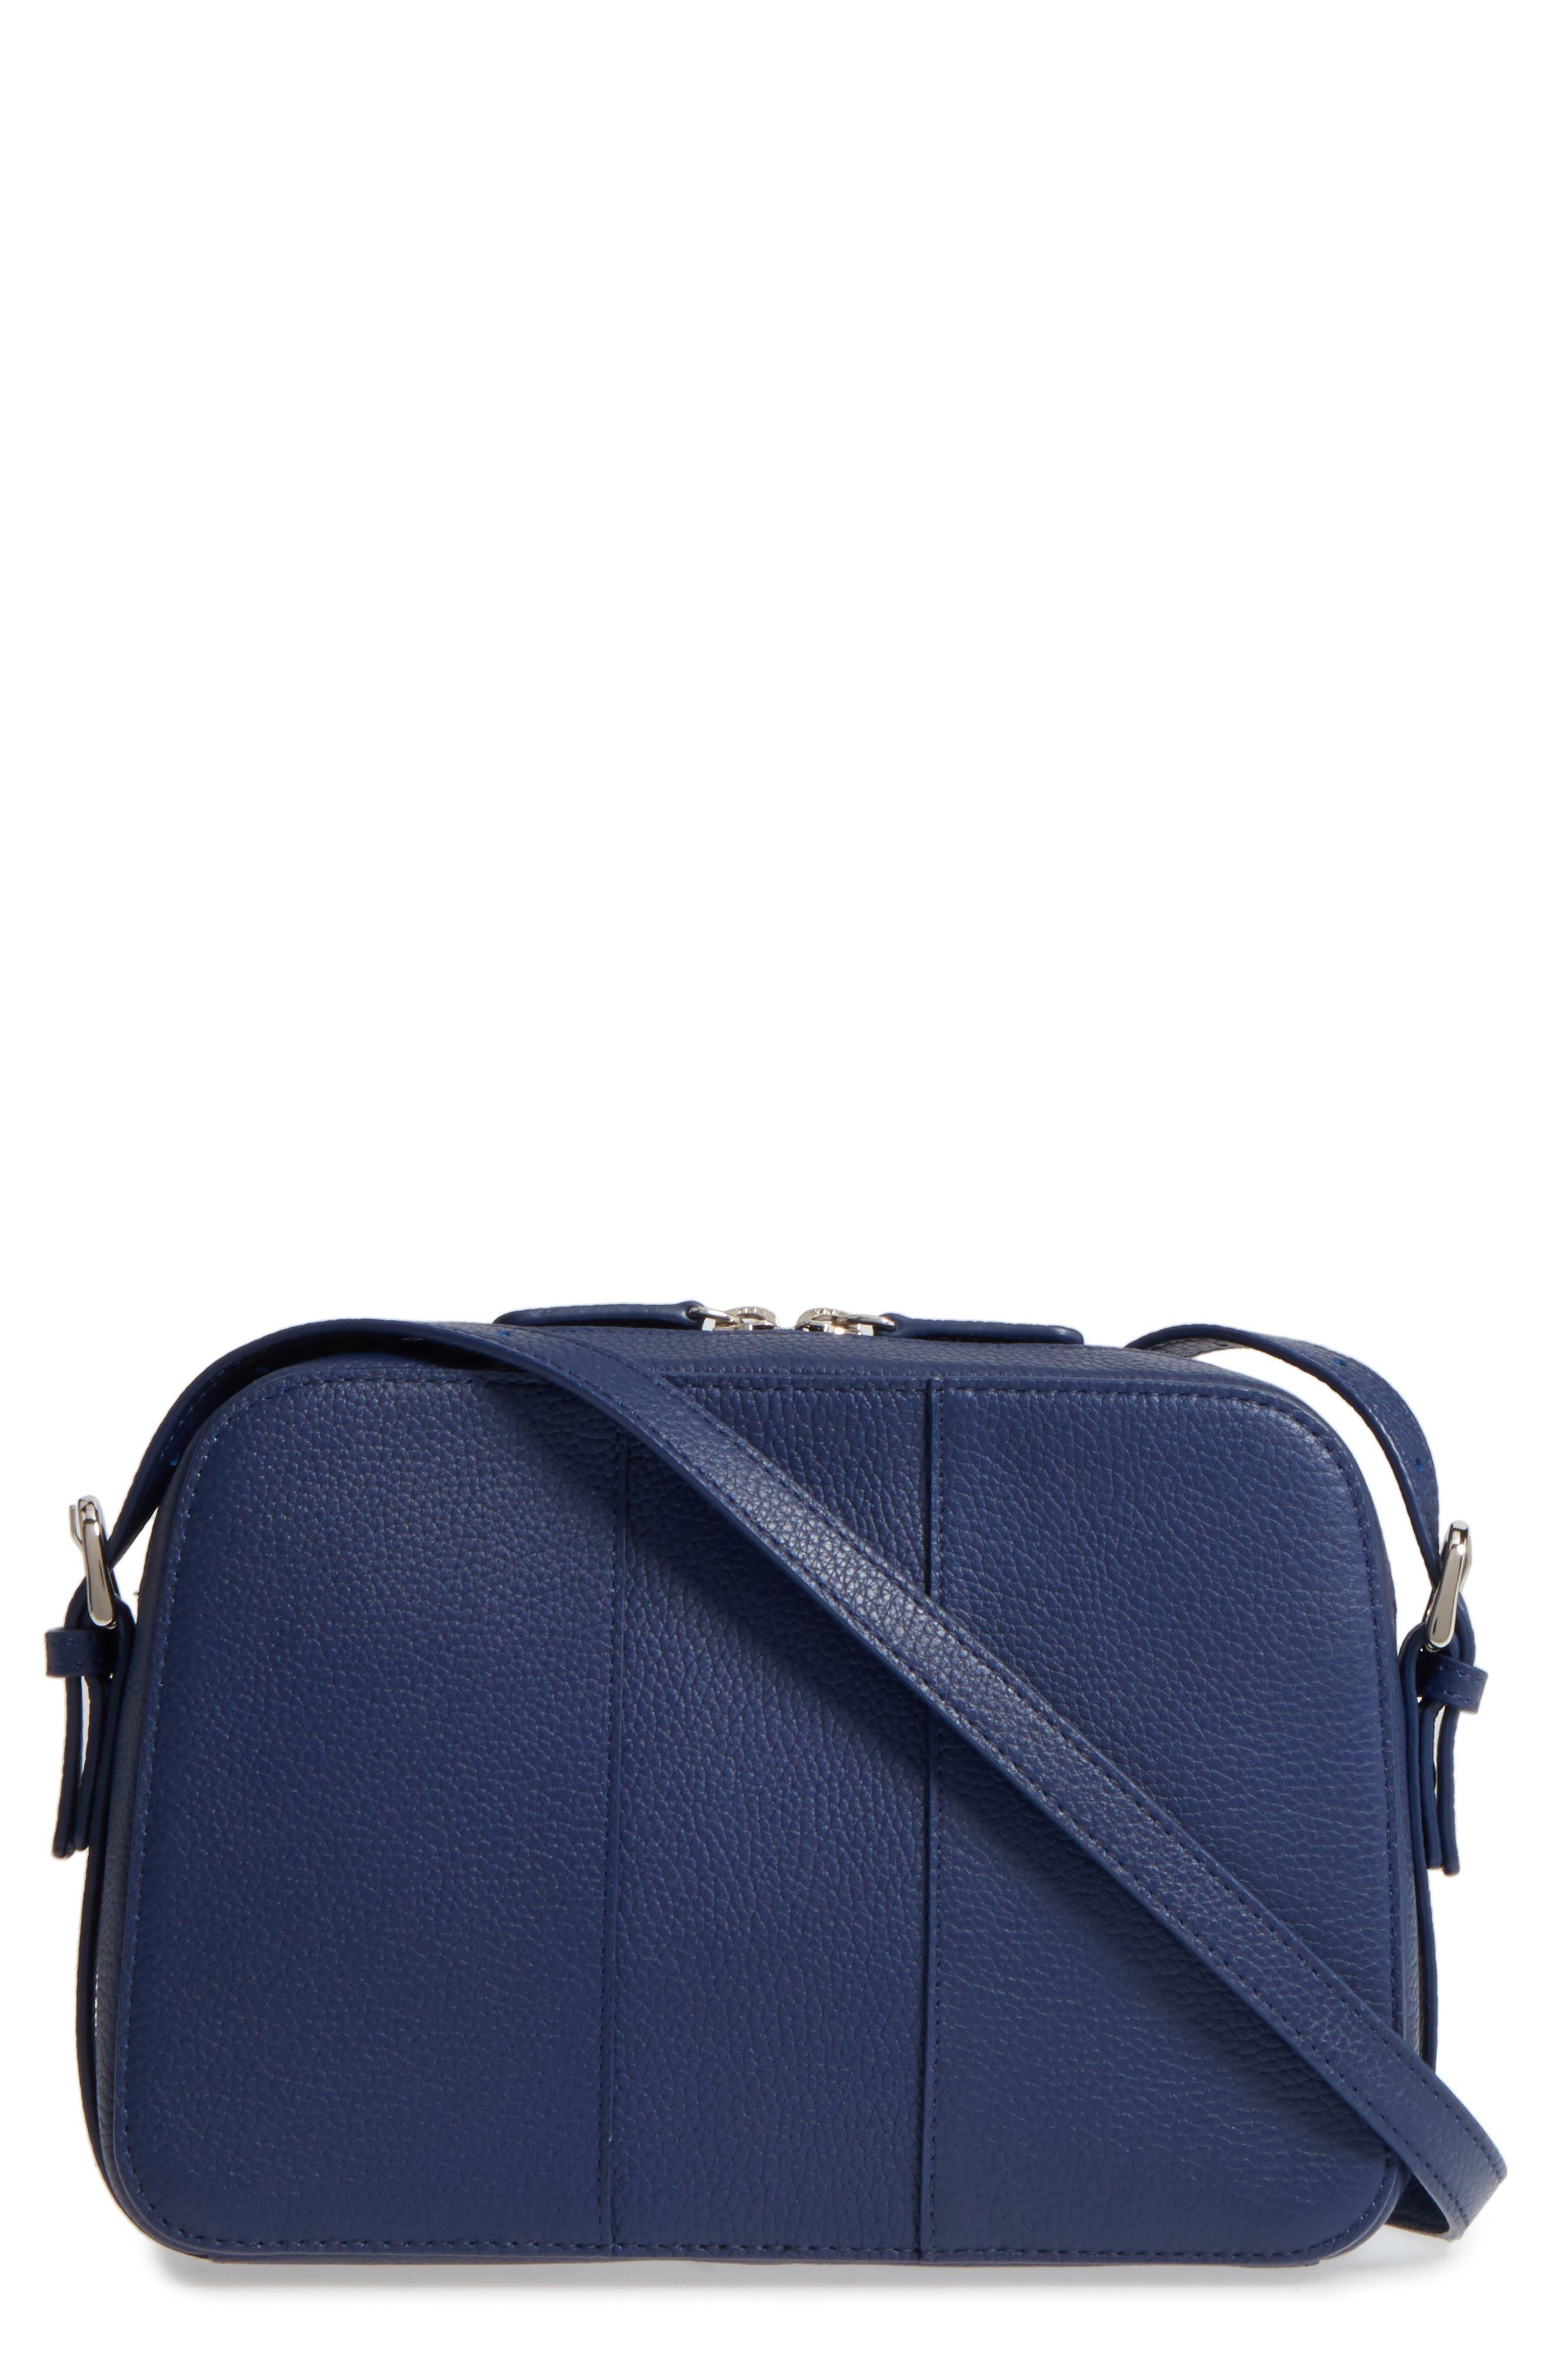 Brayden Leather Crossbody Camera Bag,                         Main,                         color, Navy Patriot